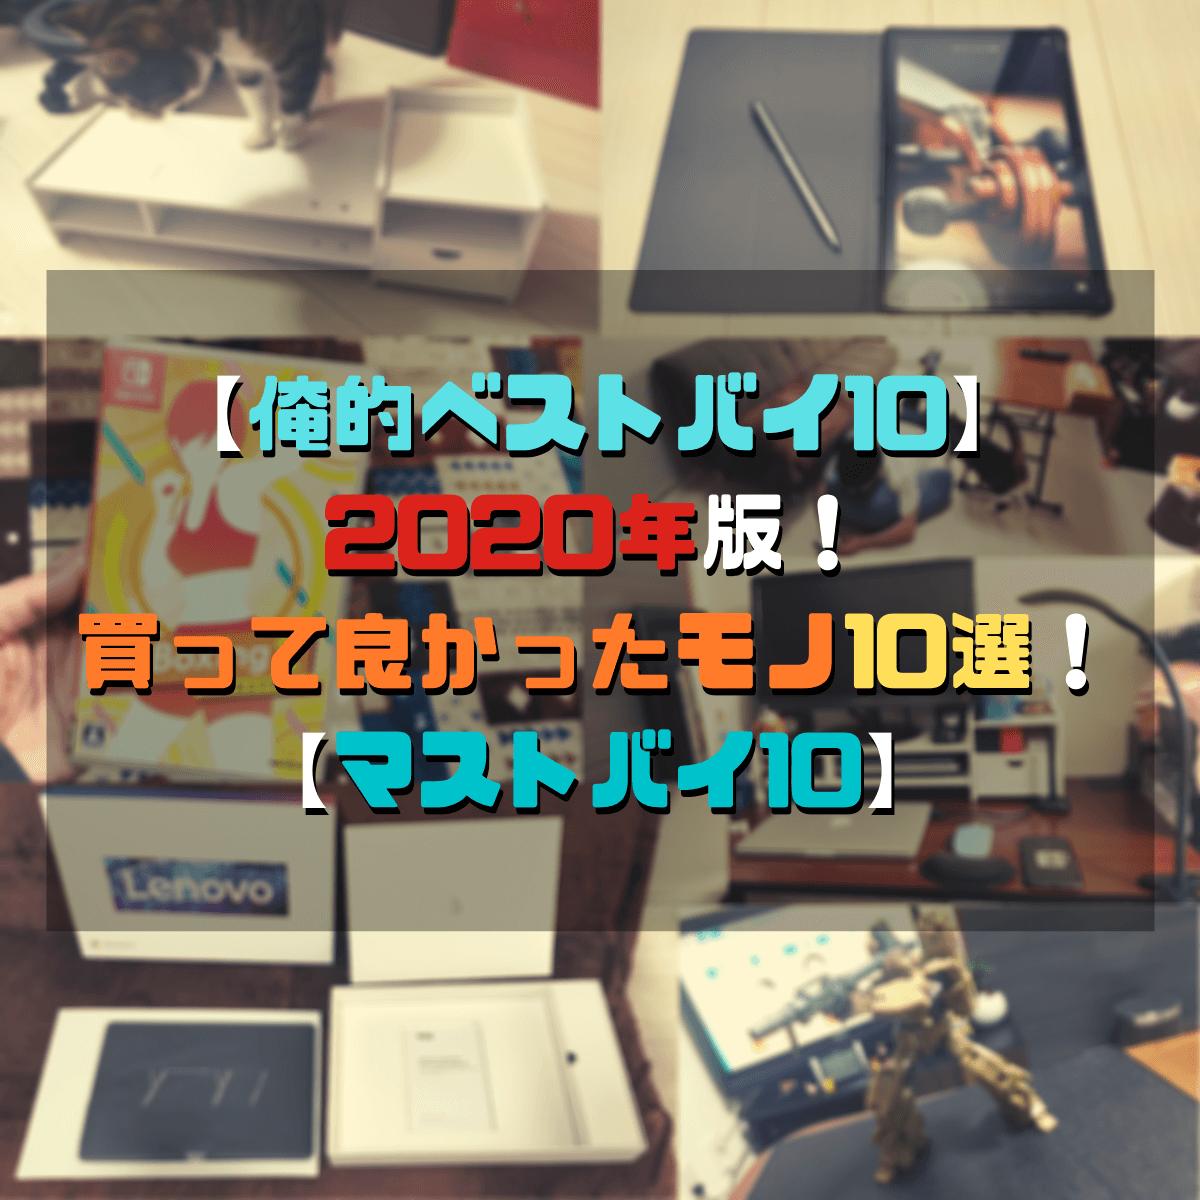 【俺的ベストバイ10】 2020年版! 買って良かったモノ10選! 【マストバイ10】